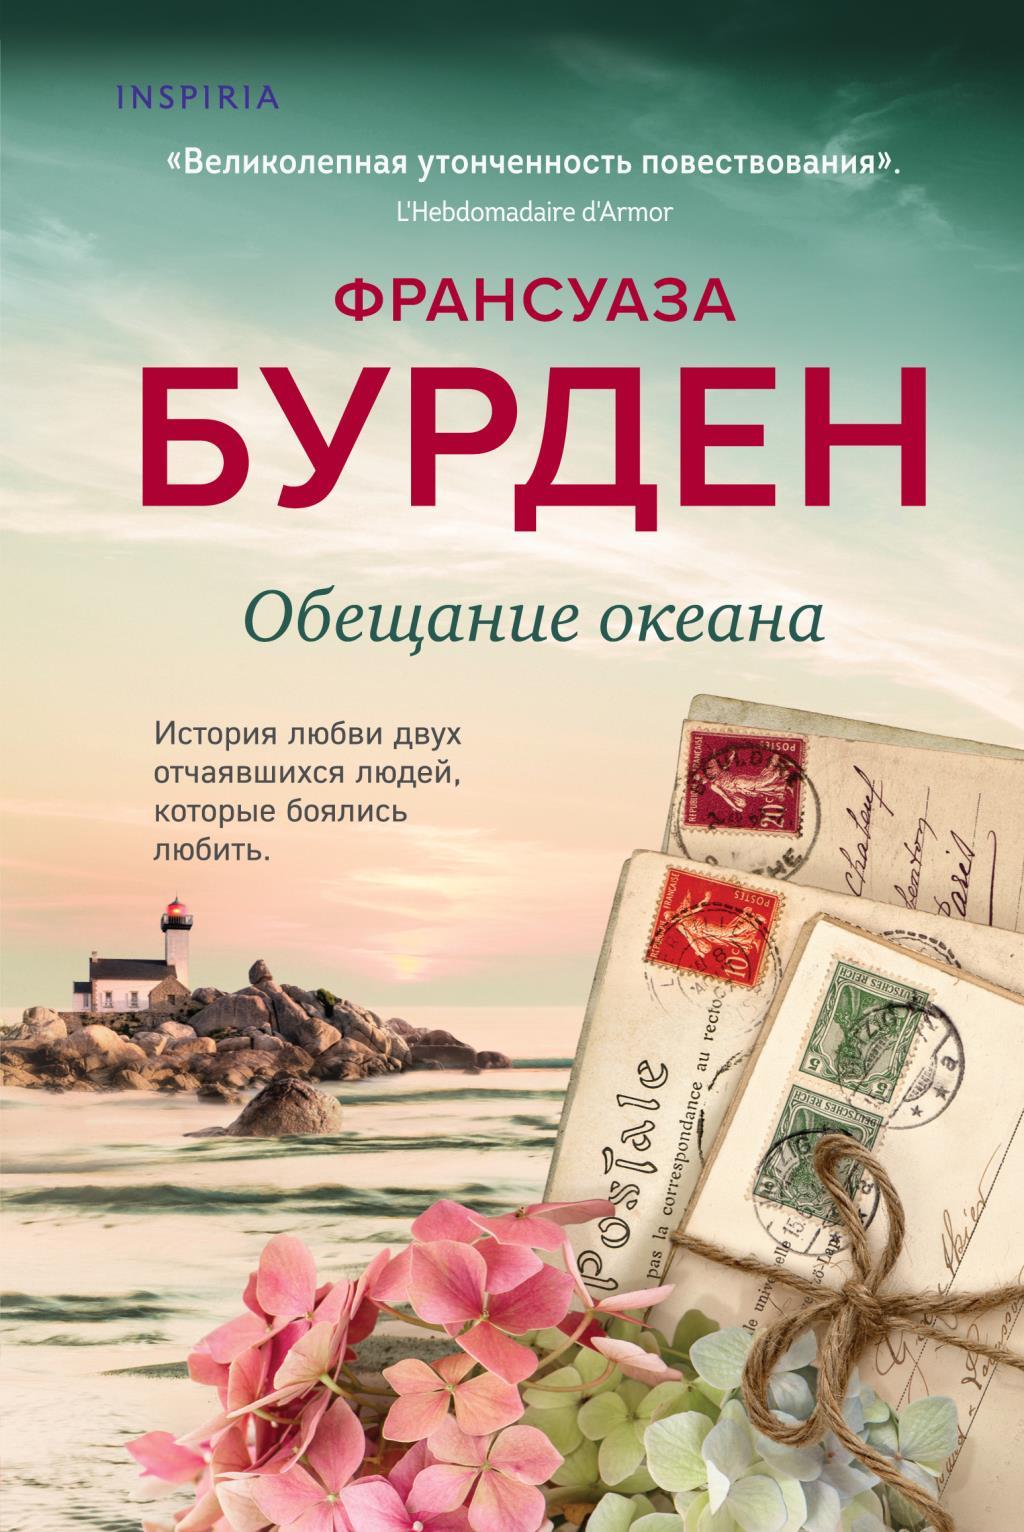 Трогательный жизненный роман Франсуазы Бурден 'Обещание океана'